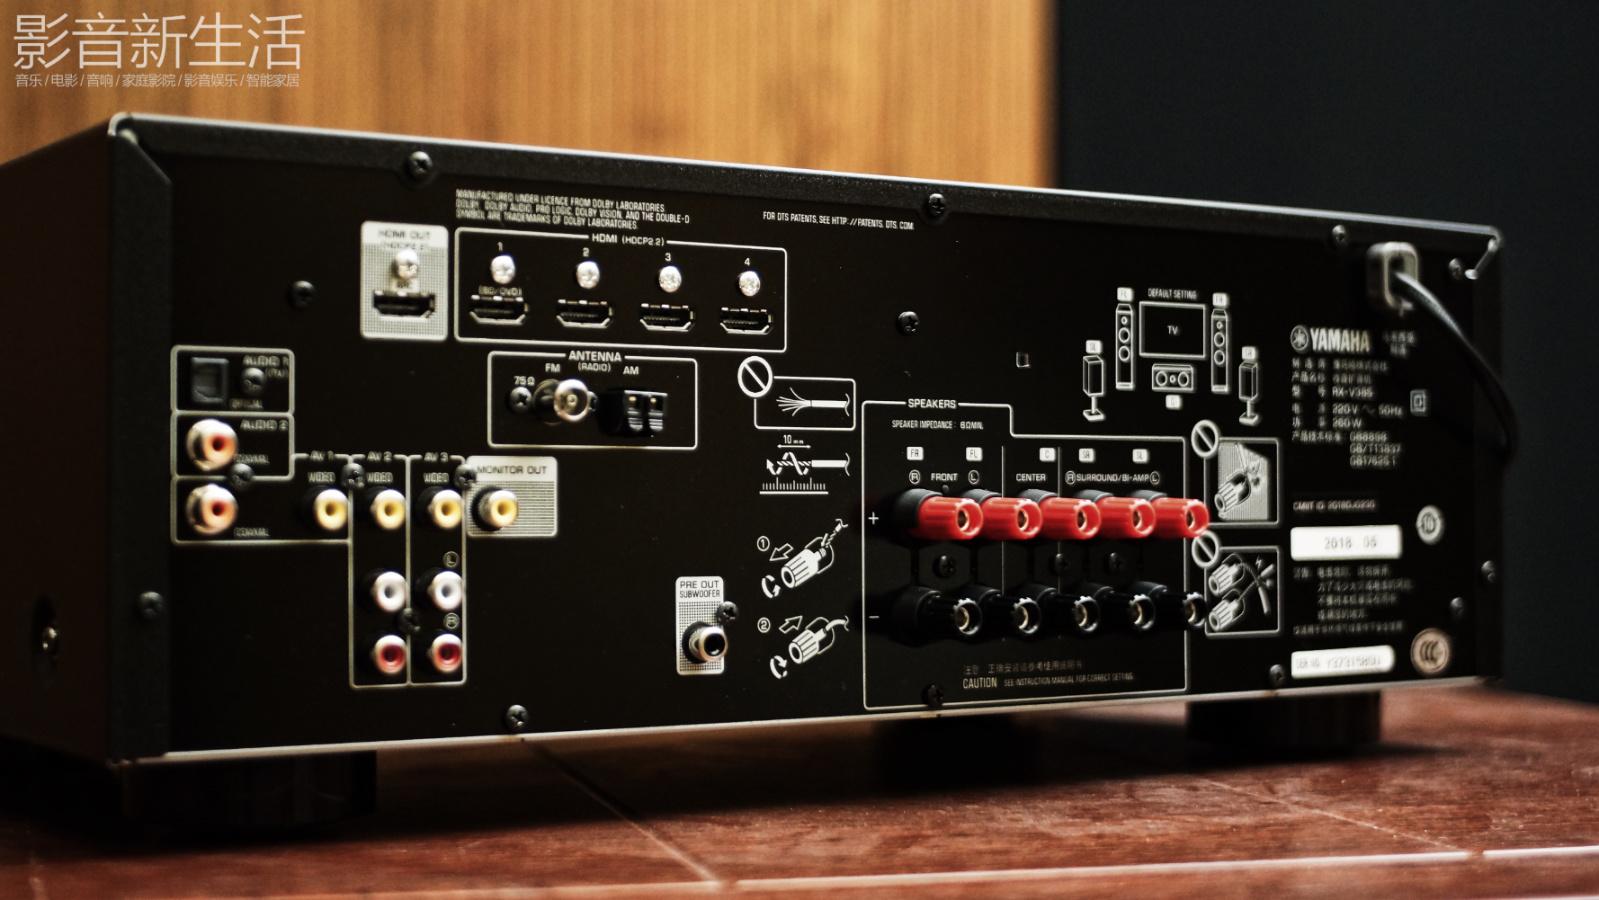 推荐 | Yamaha 雅马哈 RX-V385